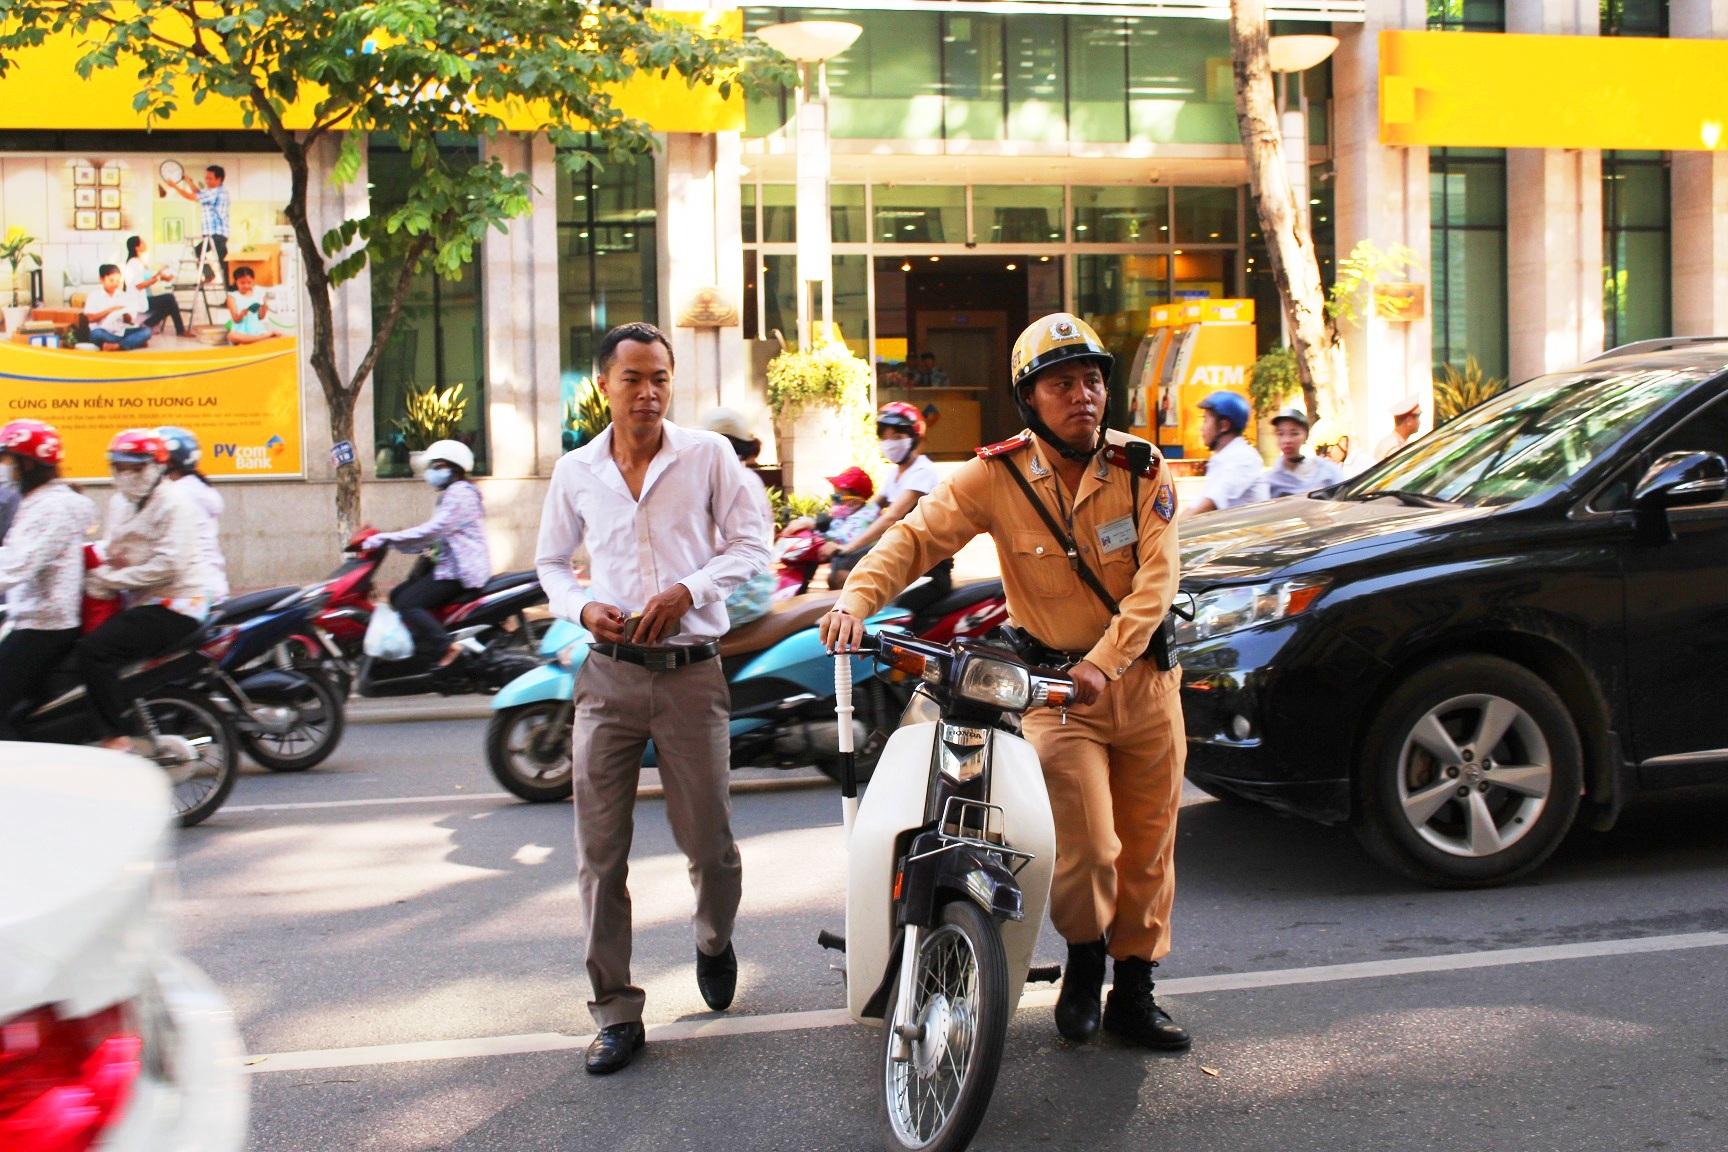 Từ 1/8 lỗi vi phạm luật giao thông có thể bị xử phạt lên tới 75 triệu đồng